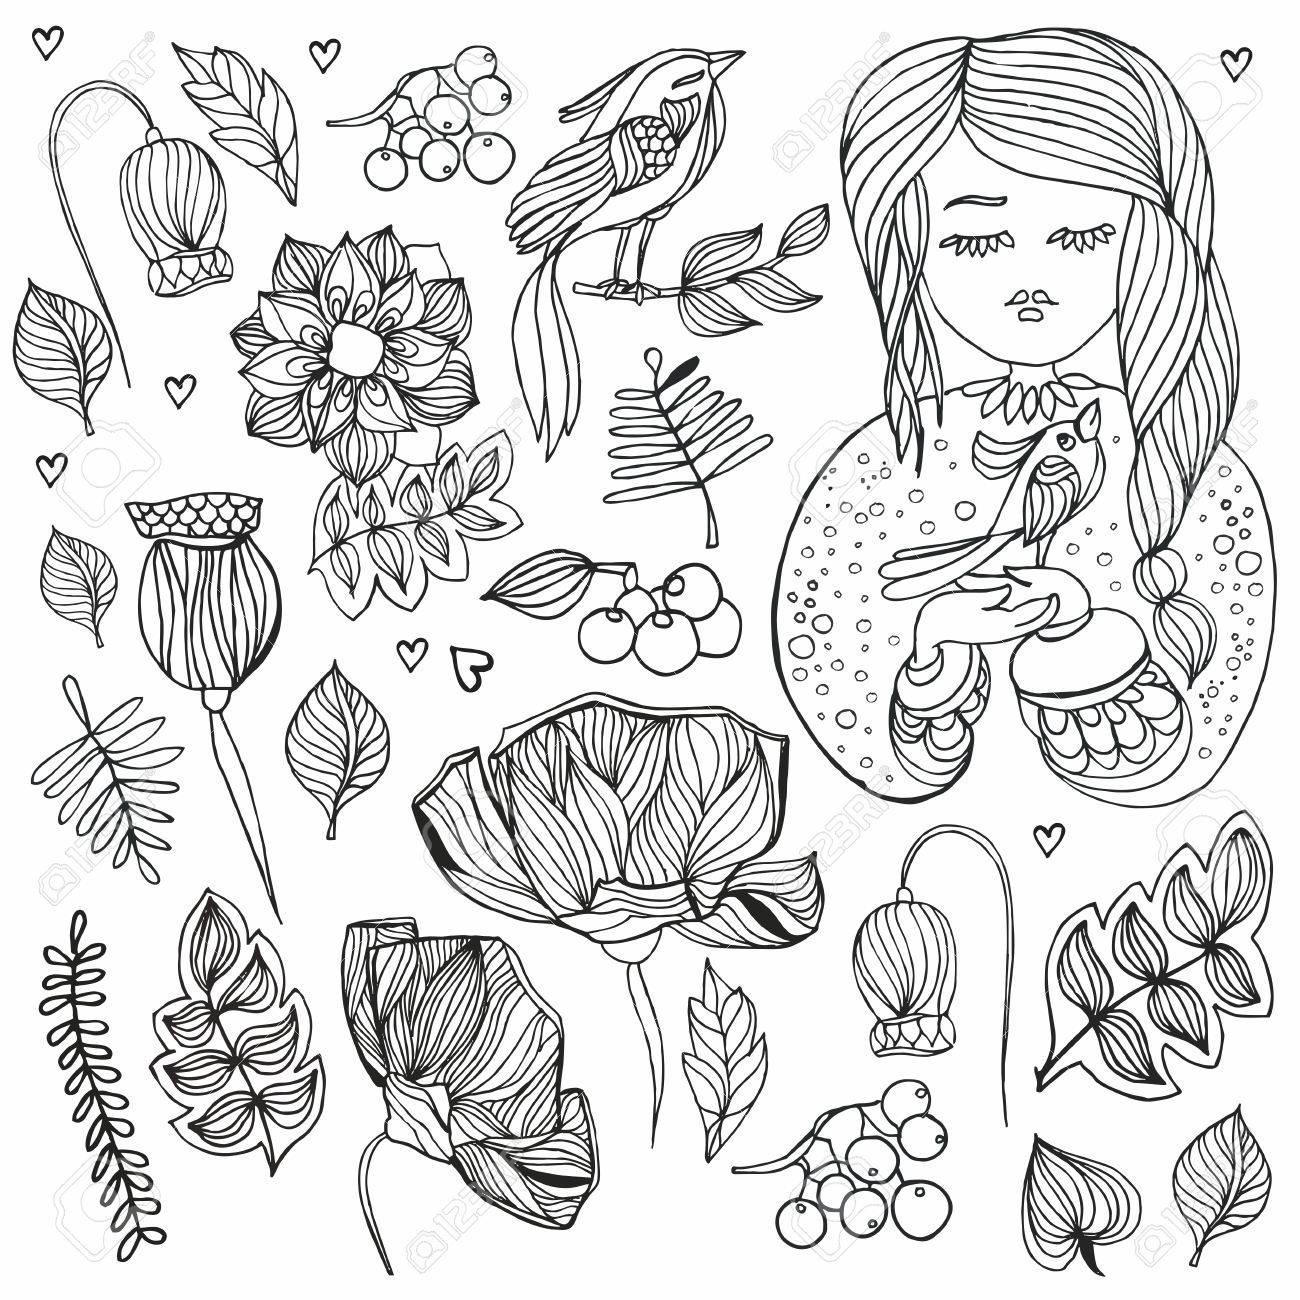 Doodle Blumen Und Madchen Mit Vogel Valentinstag Set Anti Stress